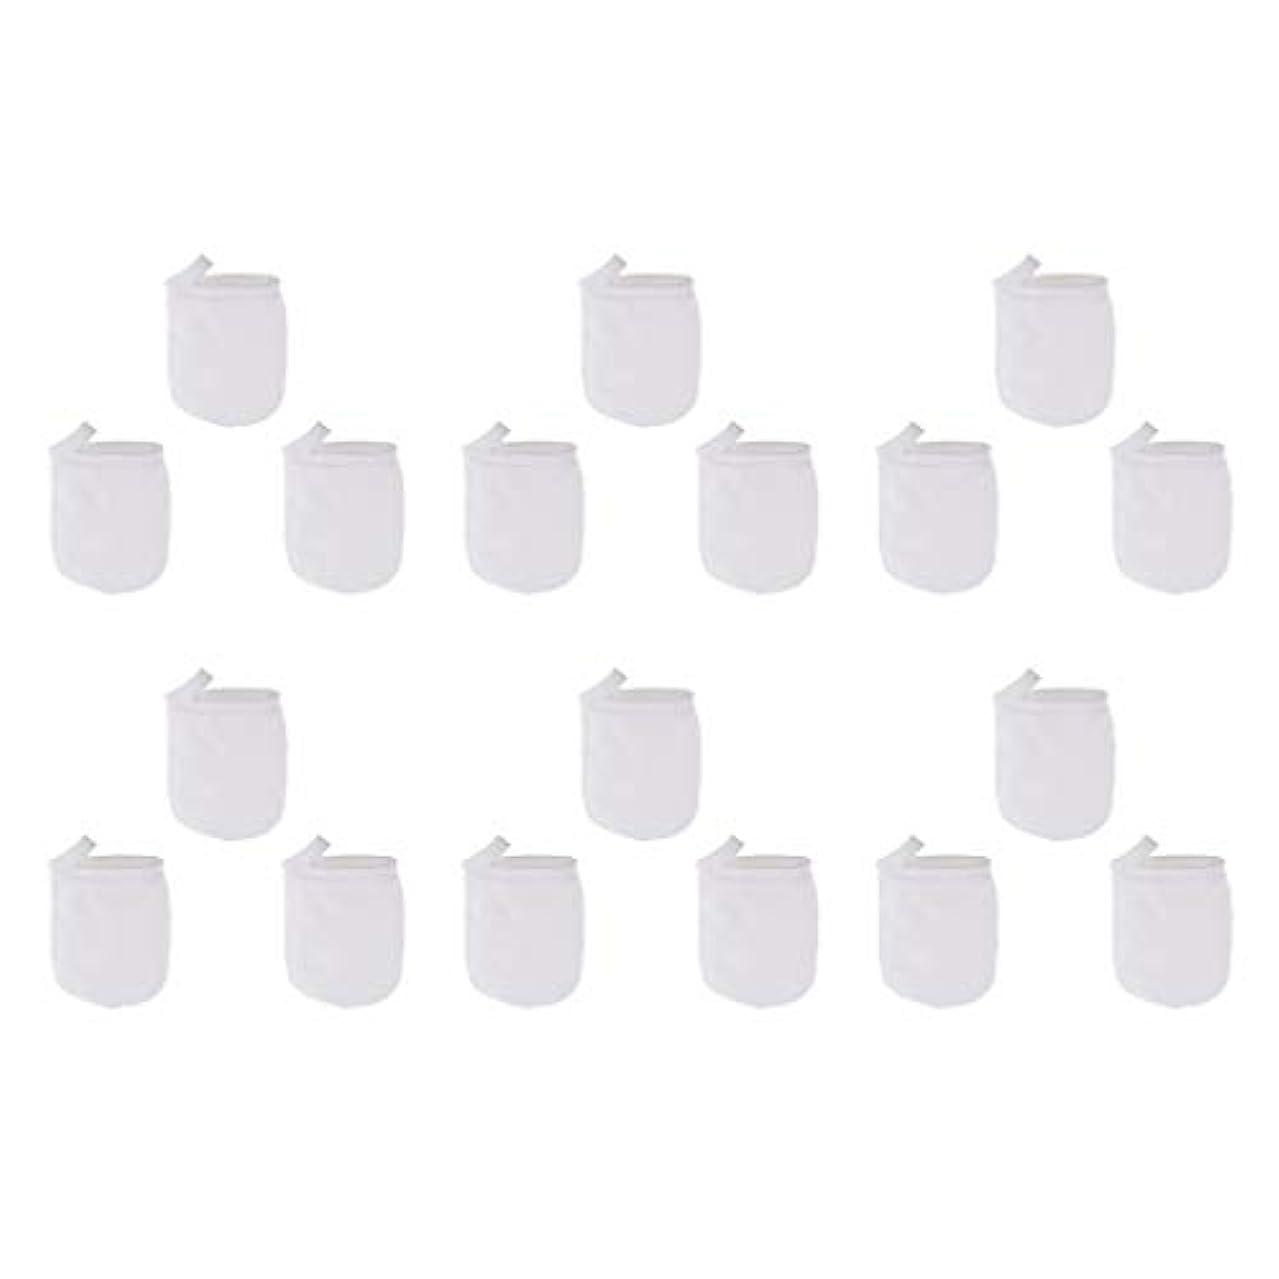 虫を数えるクライマックスまとめる洗顔手袋 フェイスクレンジング手袋 再利用可能な 柔らかい マイクロファイバー リムーバー 洗顔